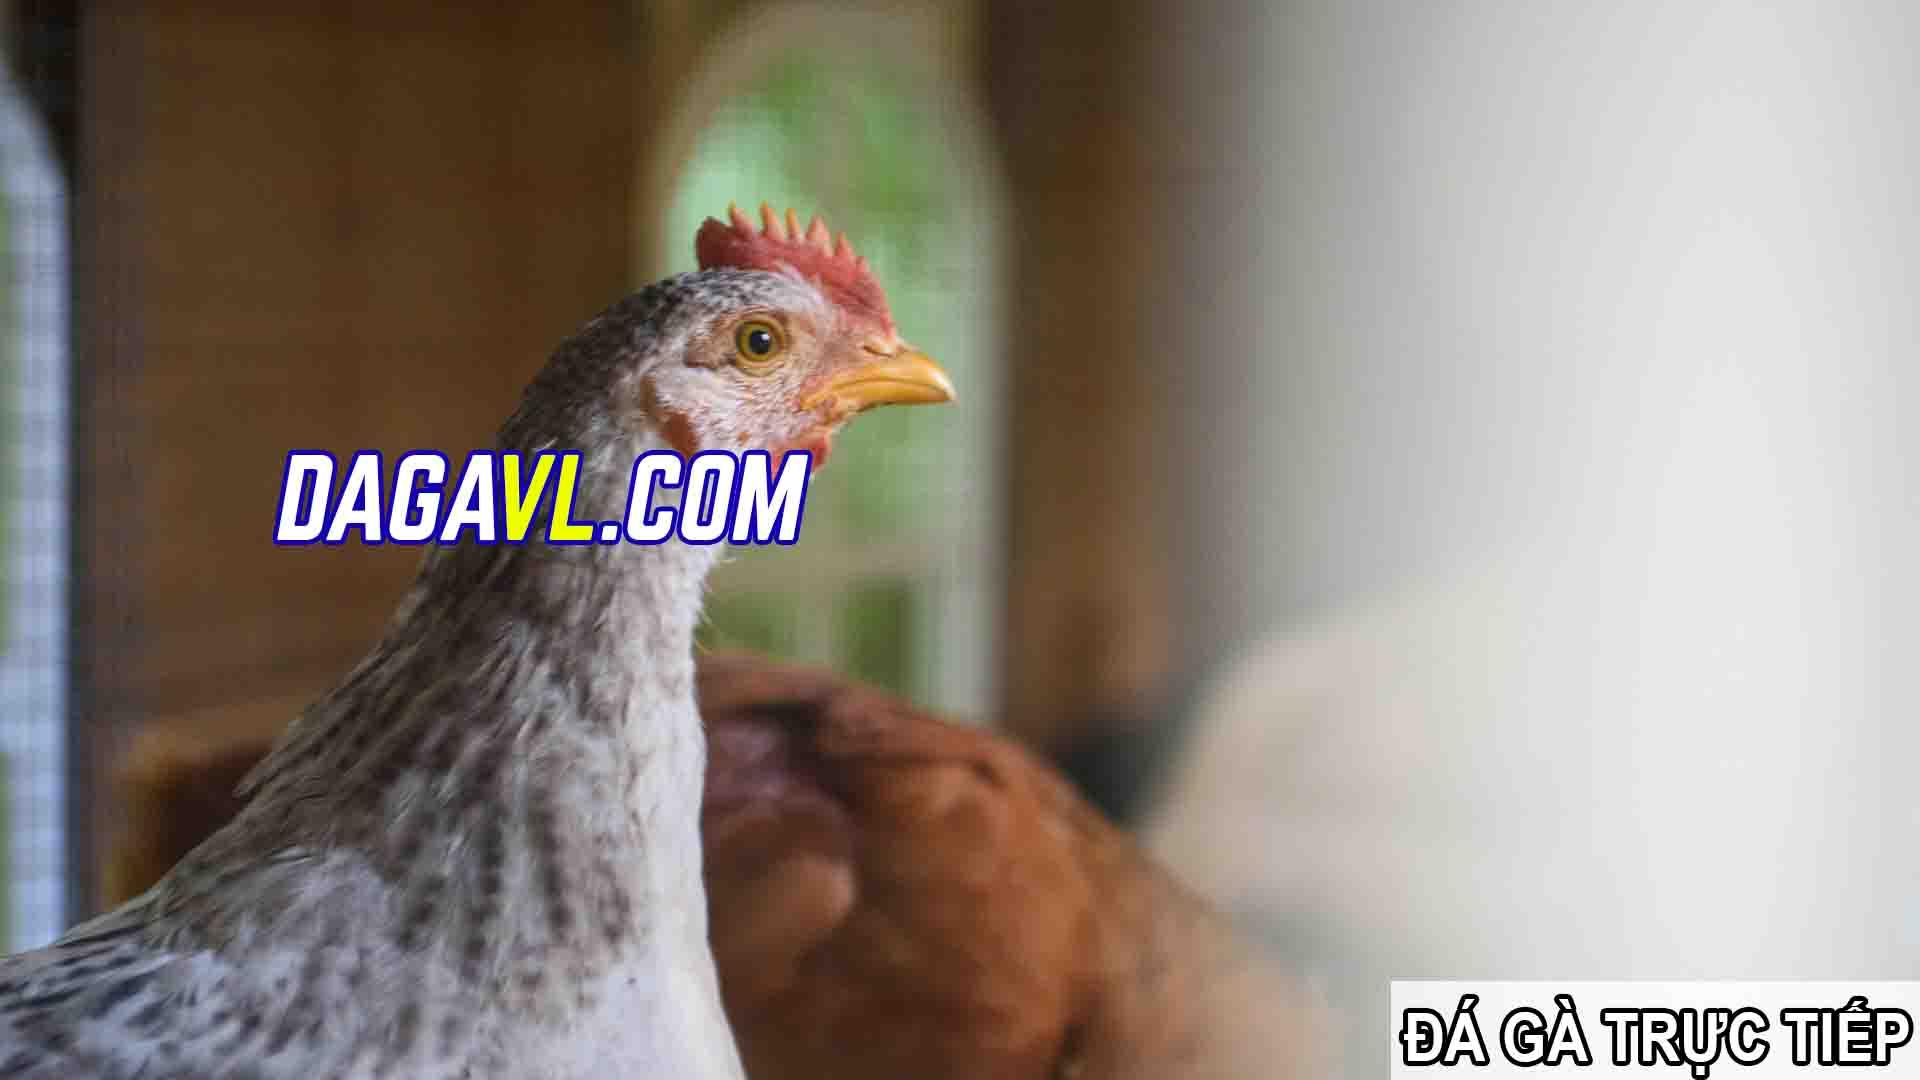 DAGAVL.COM - đá gà trực tiếp. SPAM bán gà đá trên Facebook hay nhất